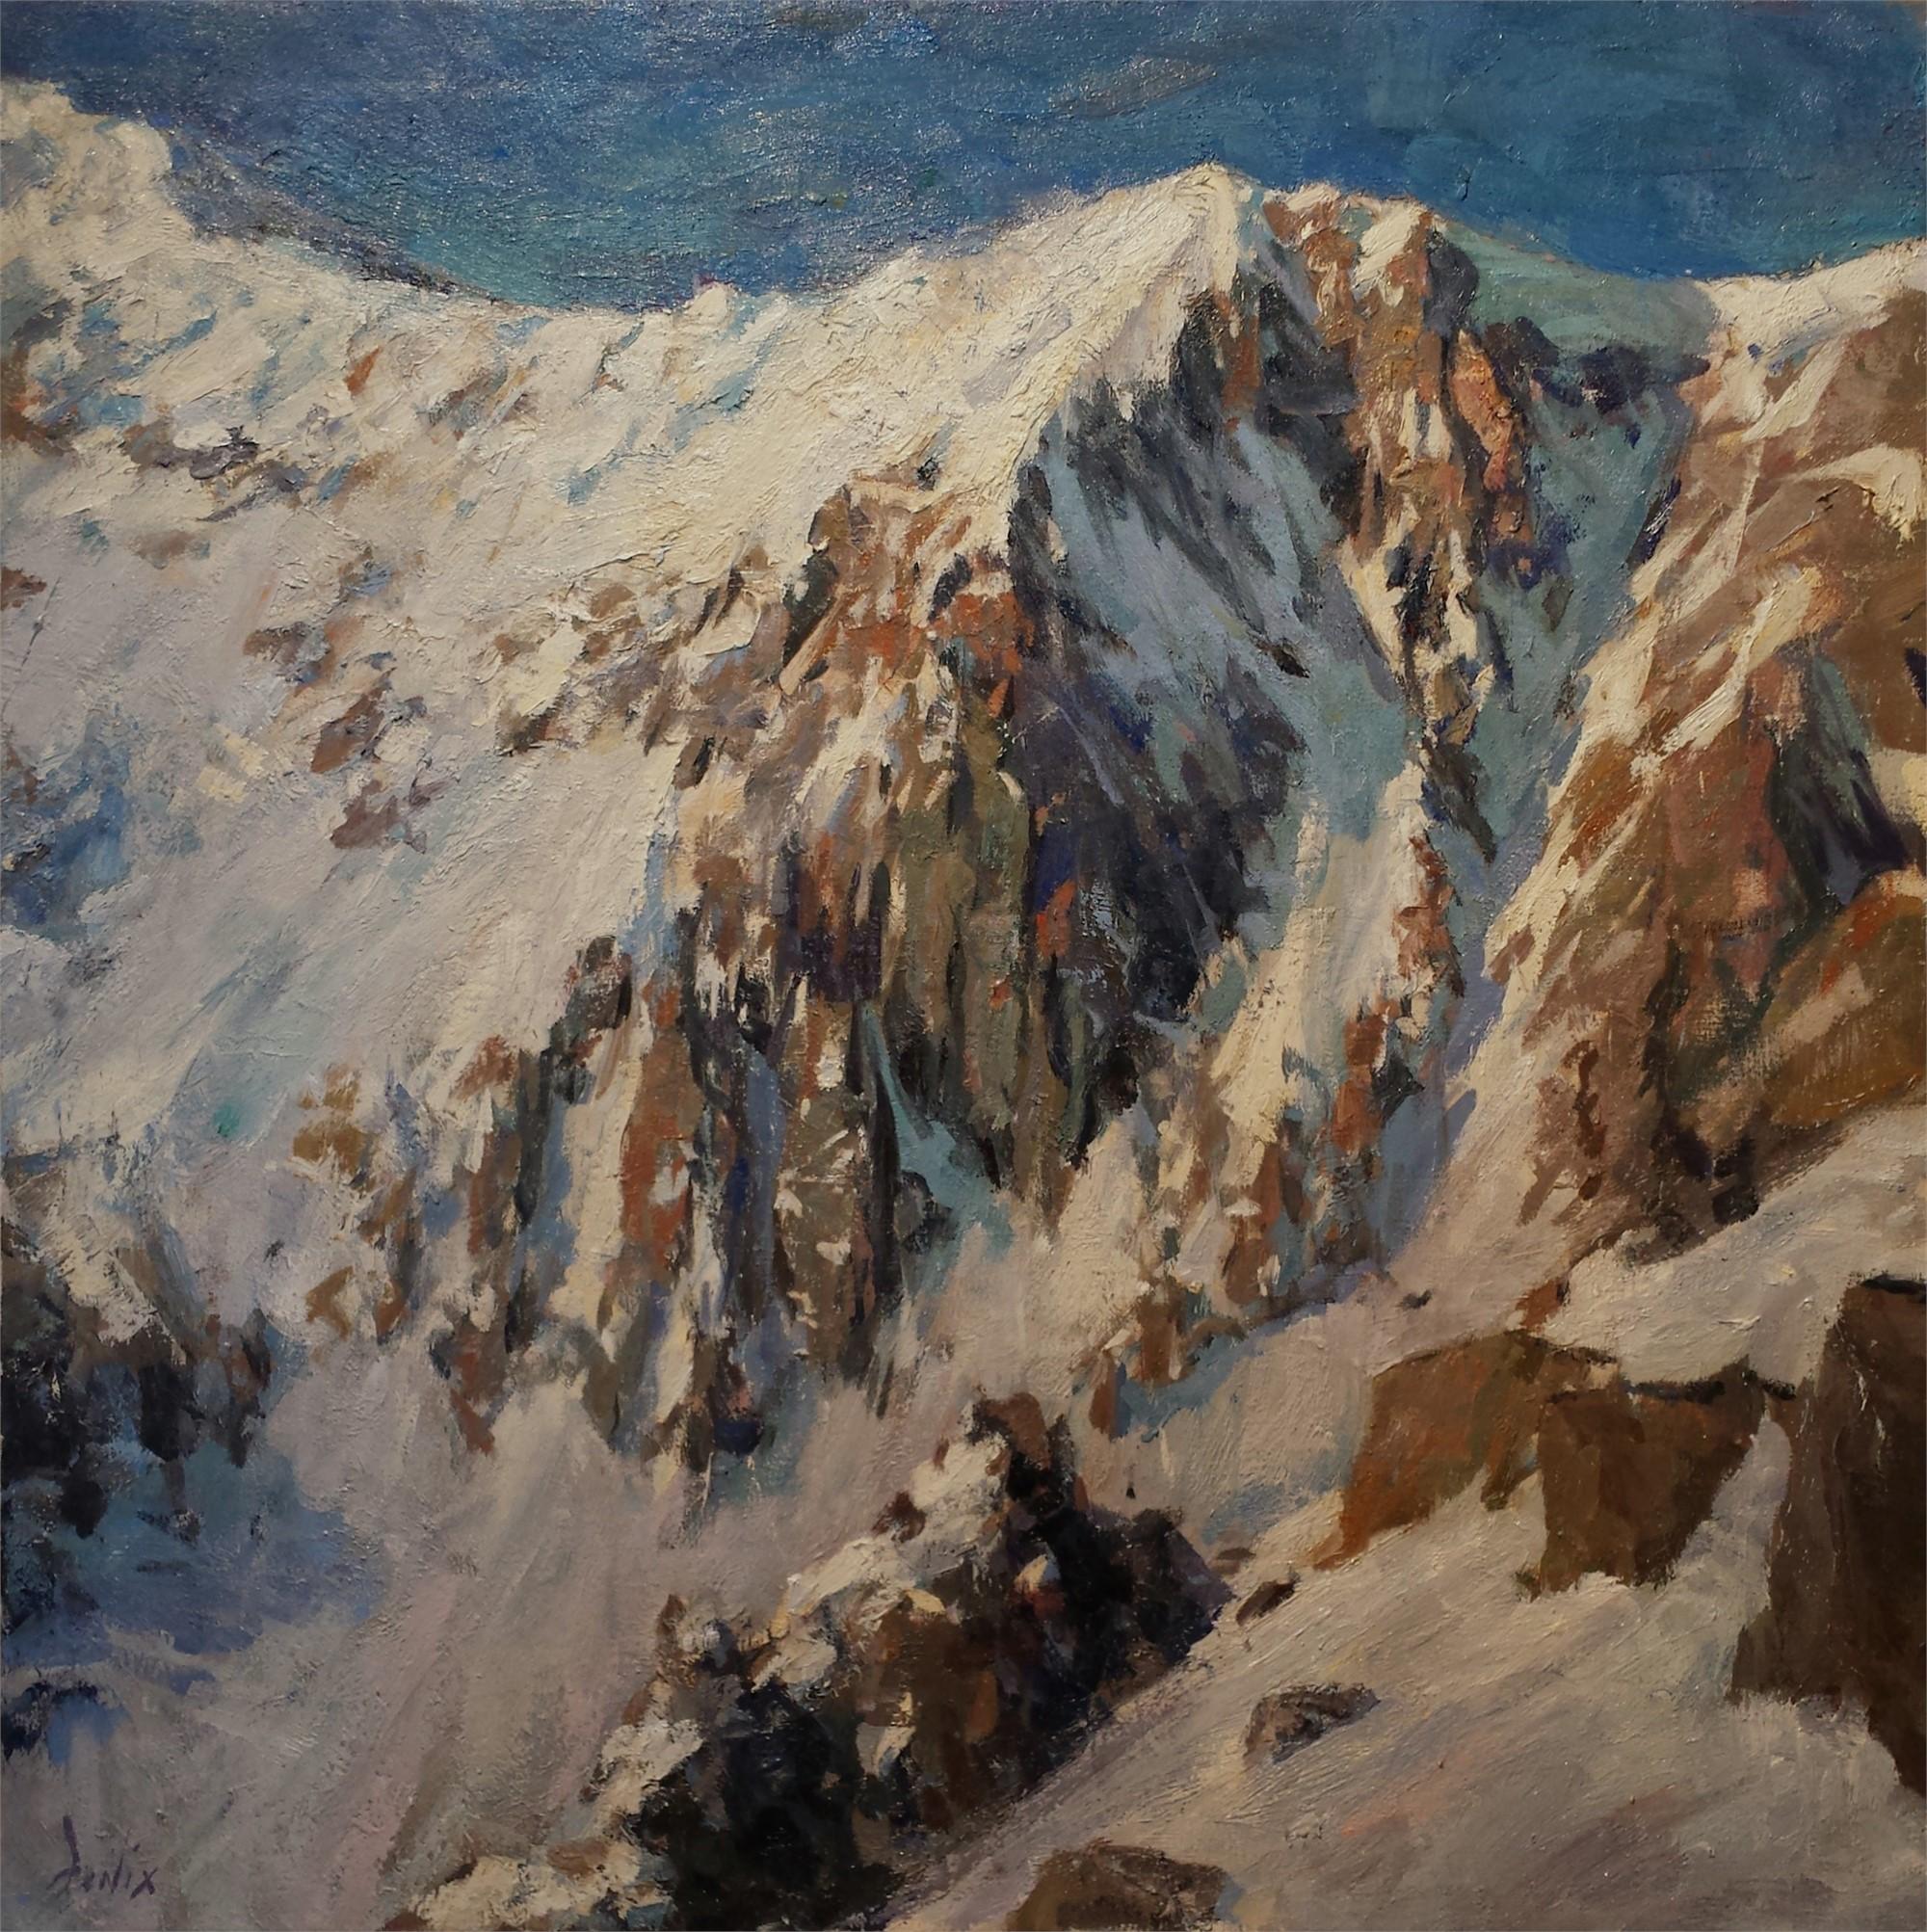 At the Top by Derek Penix